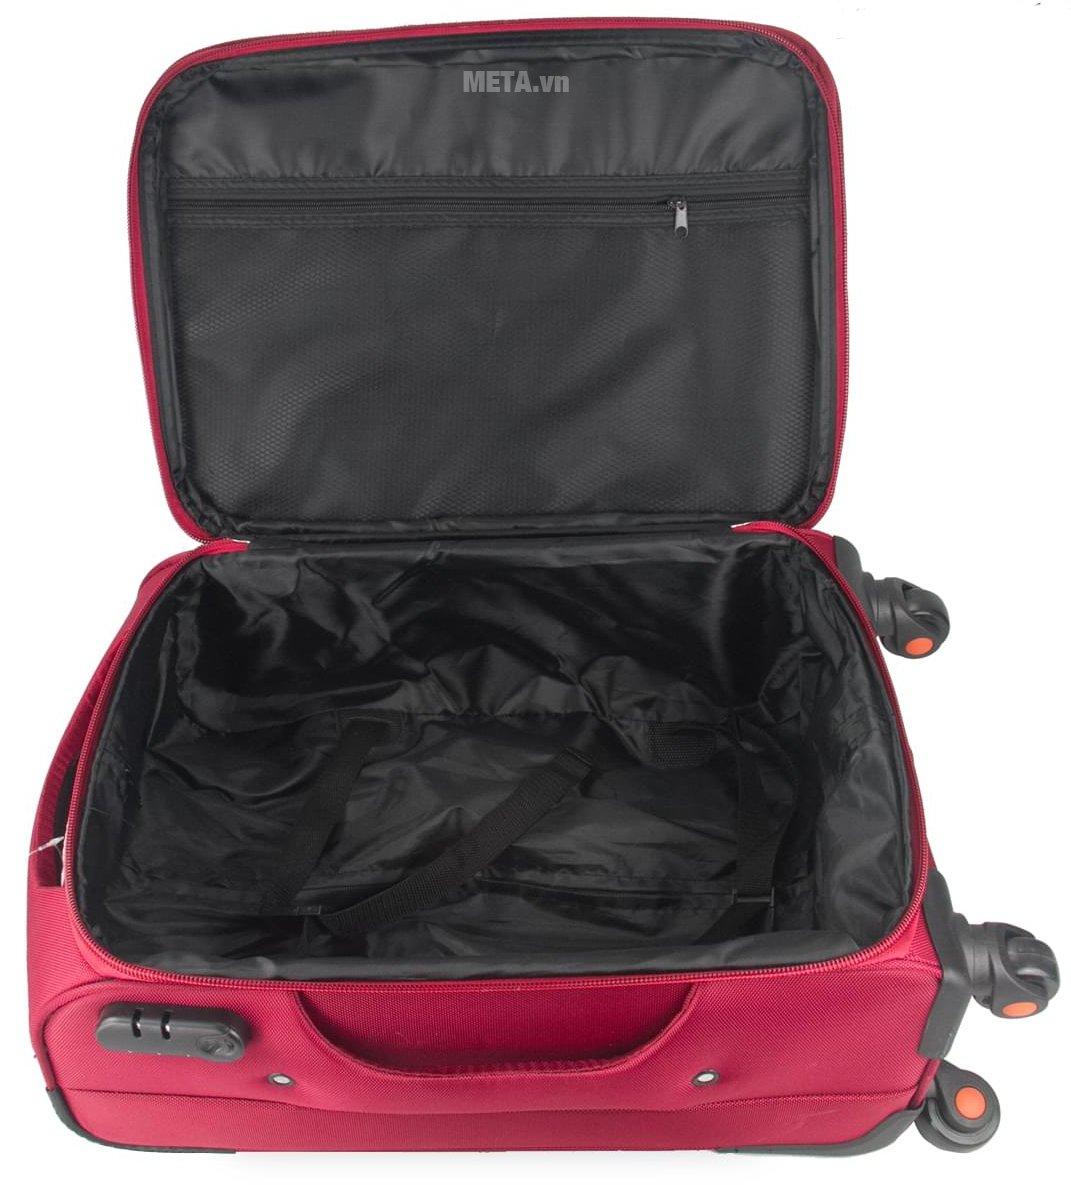 Vali vải cao cấp VLX020 24 inch có ngăn chứa rộng rãi